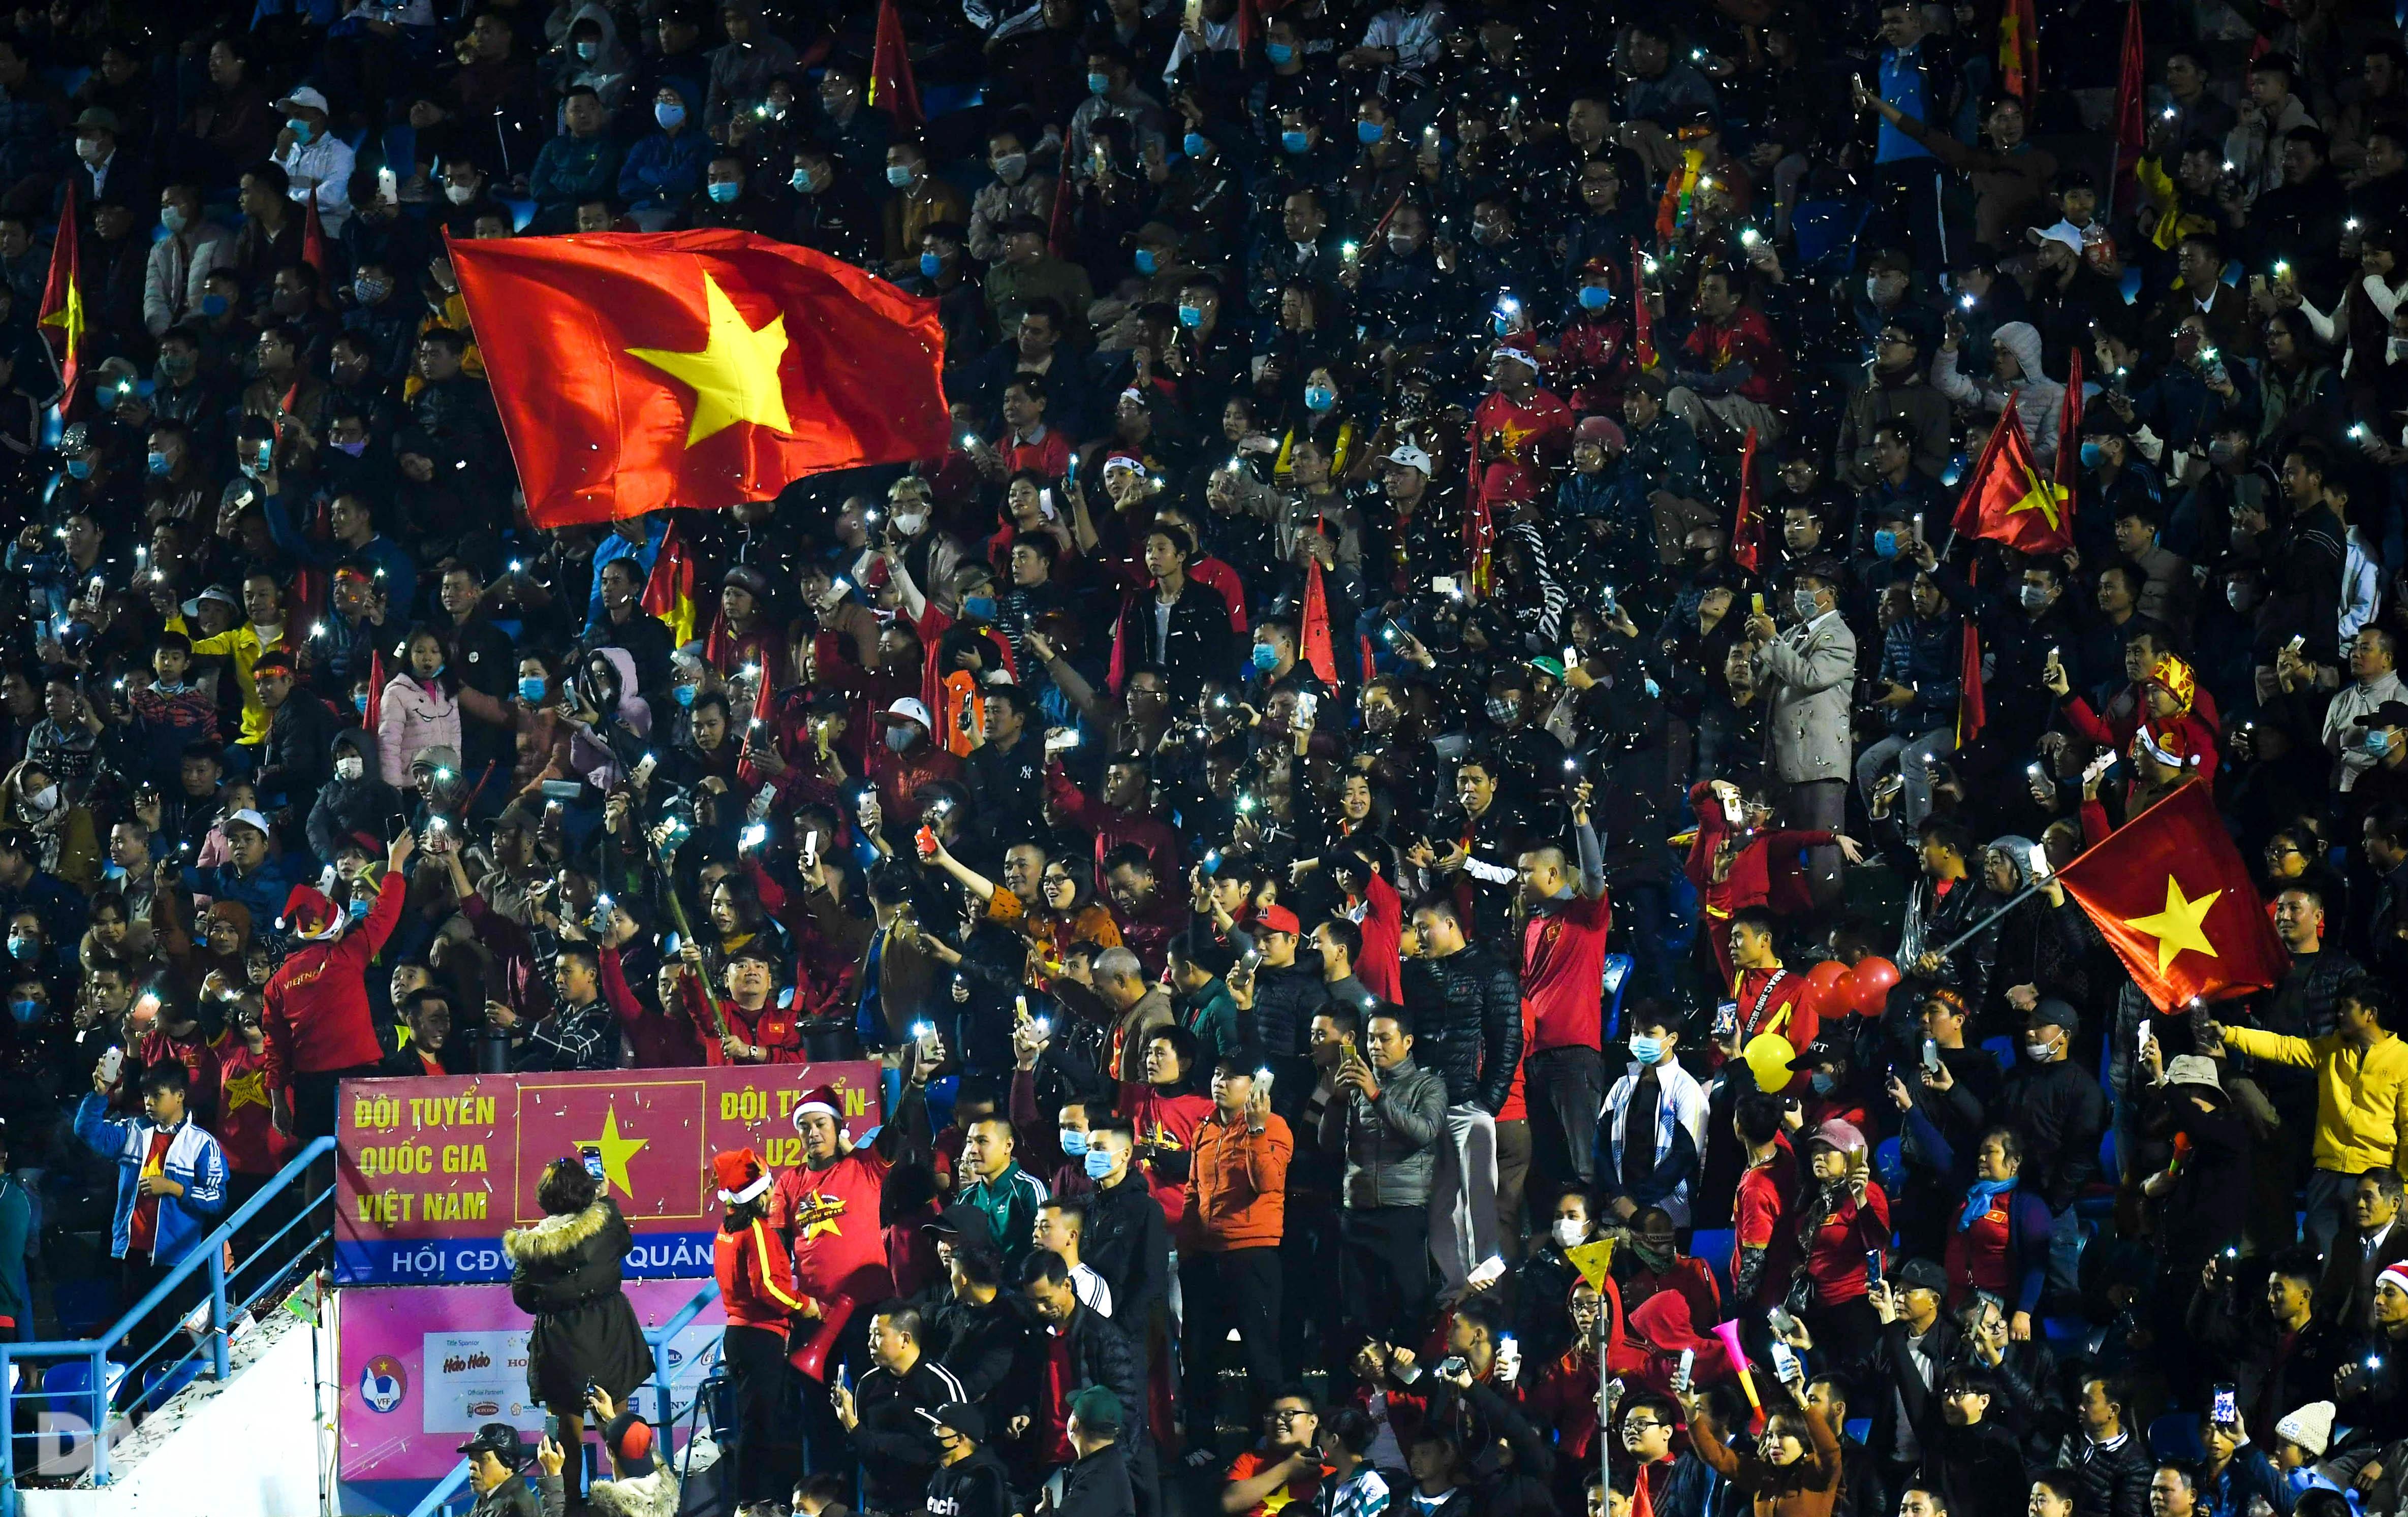 Văn Quyết ghi điểm trong chiến thắng của tuyển Việt Nam trước đàn em U22 - 19